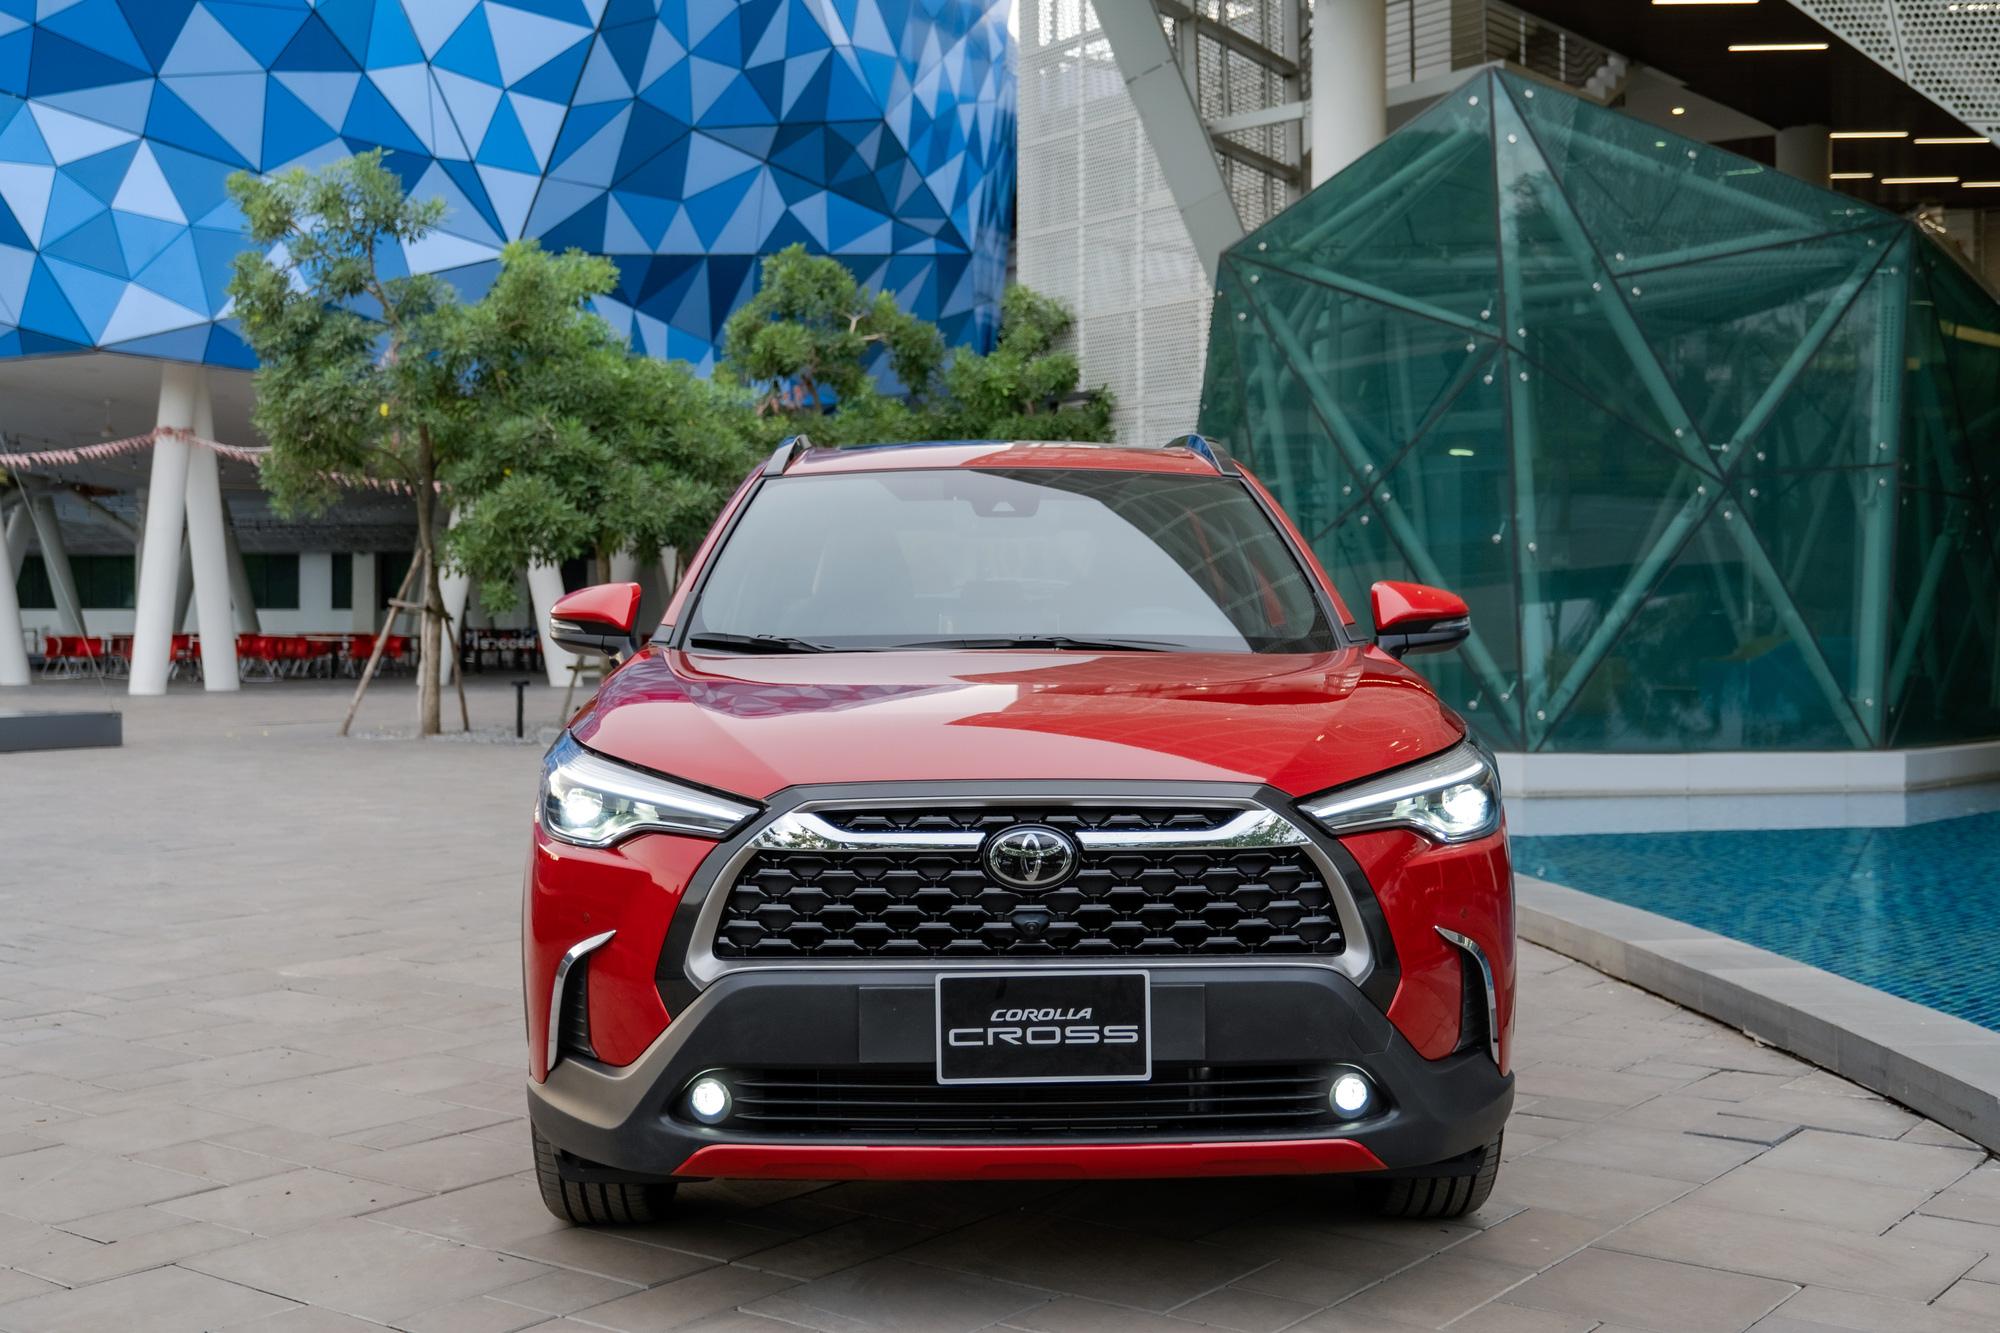 Bản 1.8V có thể là bản bán chạy nhất của dòng xe Toyota Corolla Cross tại Việt Nam.